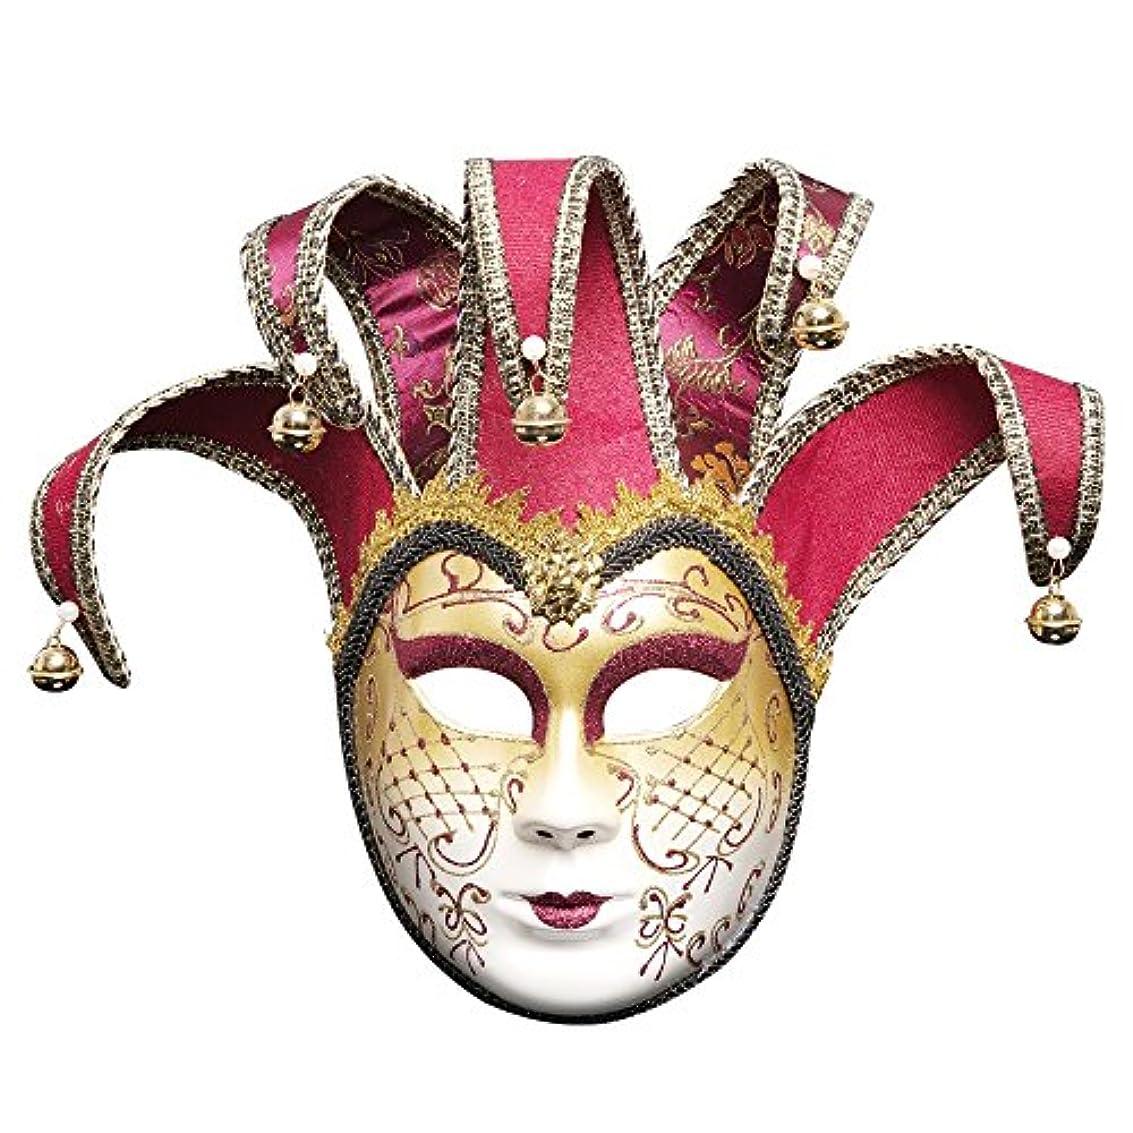 薬用課すトーストハロウィンボールパーティーマスククリスマスクリエイティブ新しいフルフェイスメイクアップマスク (Color : C)